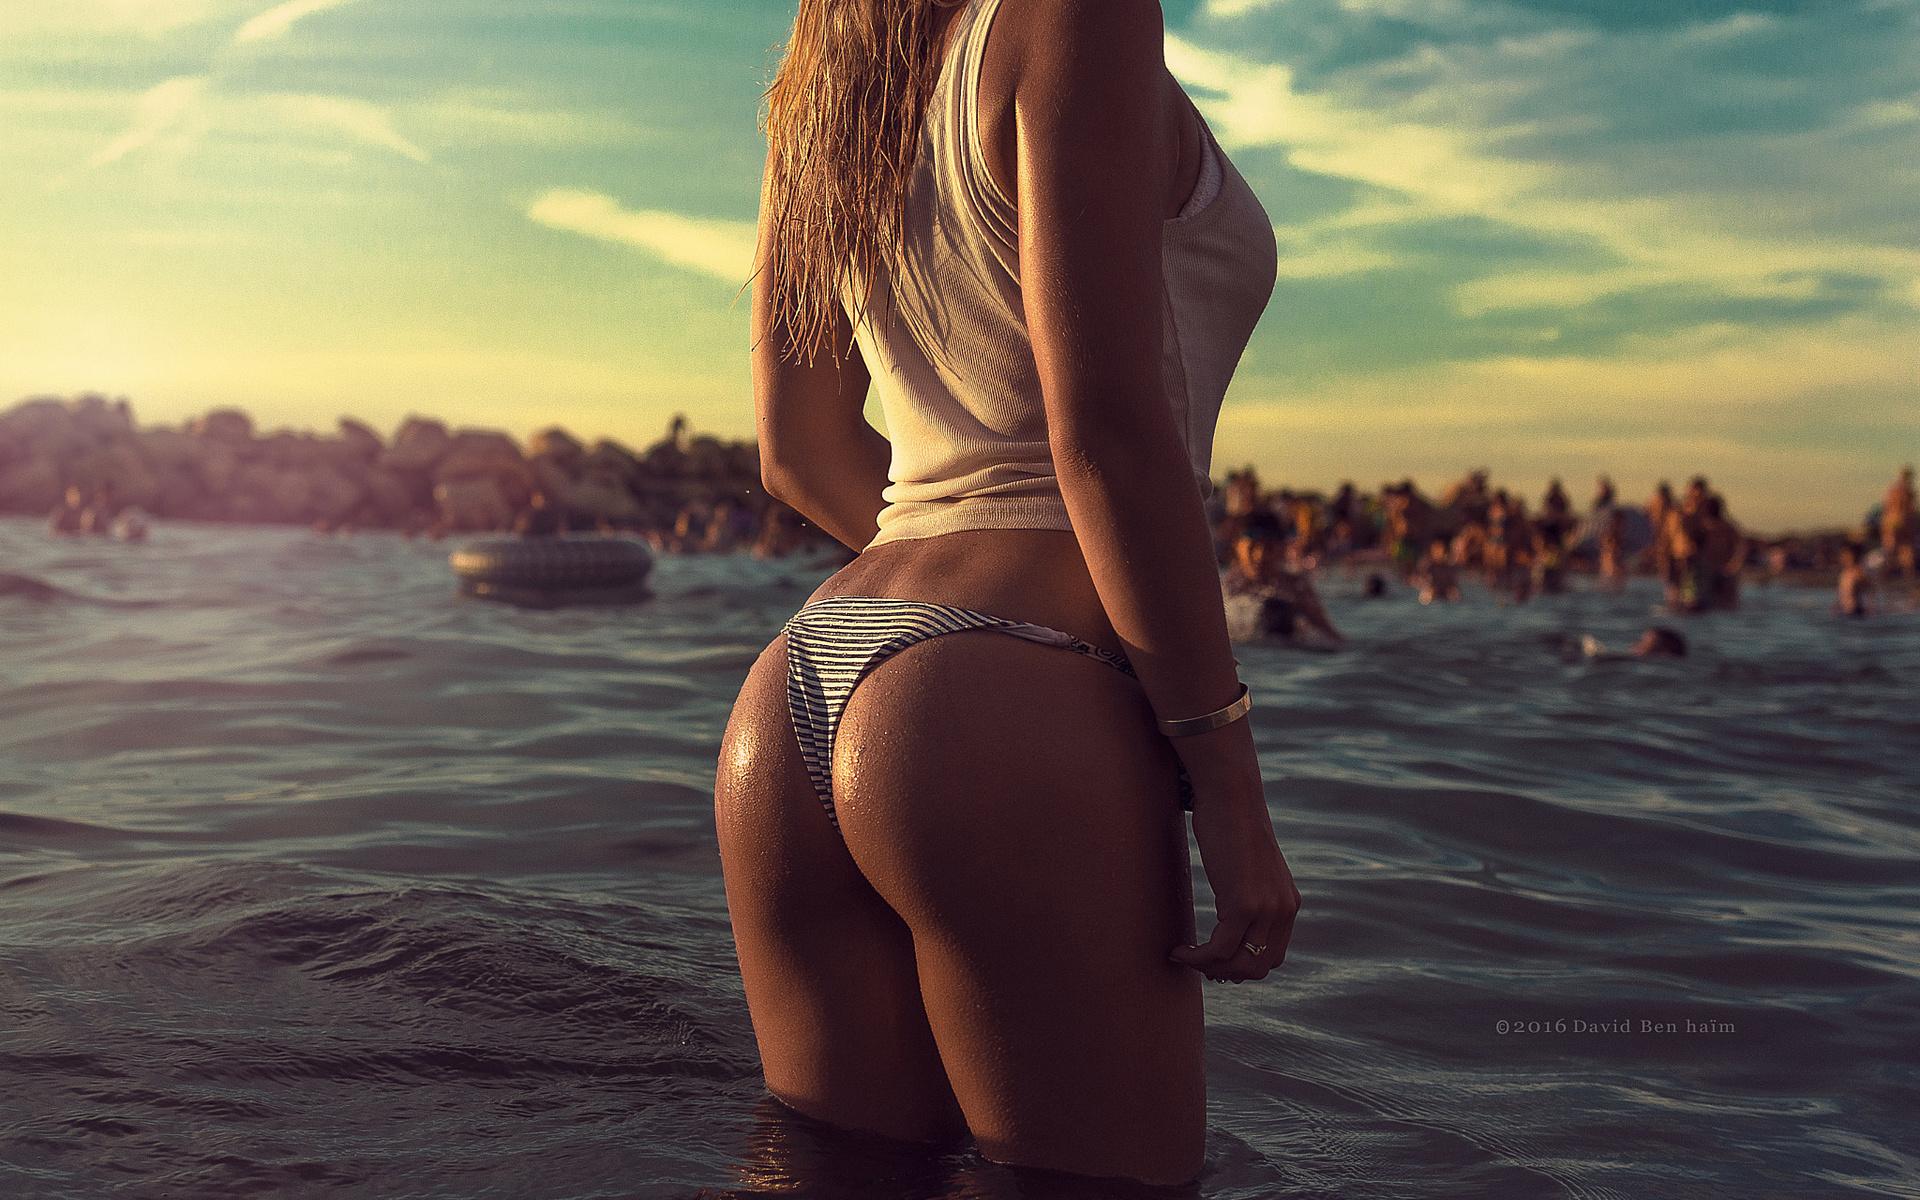 процентов бесплатное картинки попы девушек сзади задали кучу